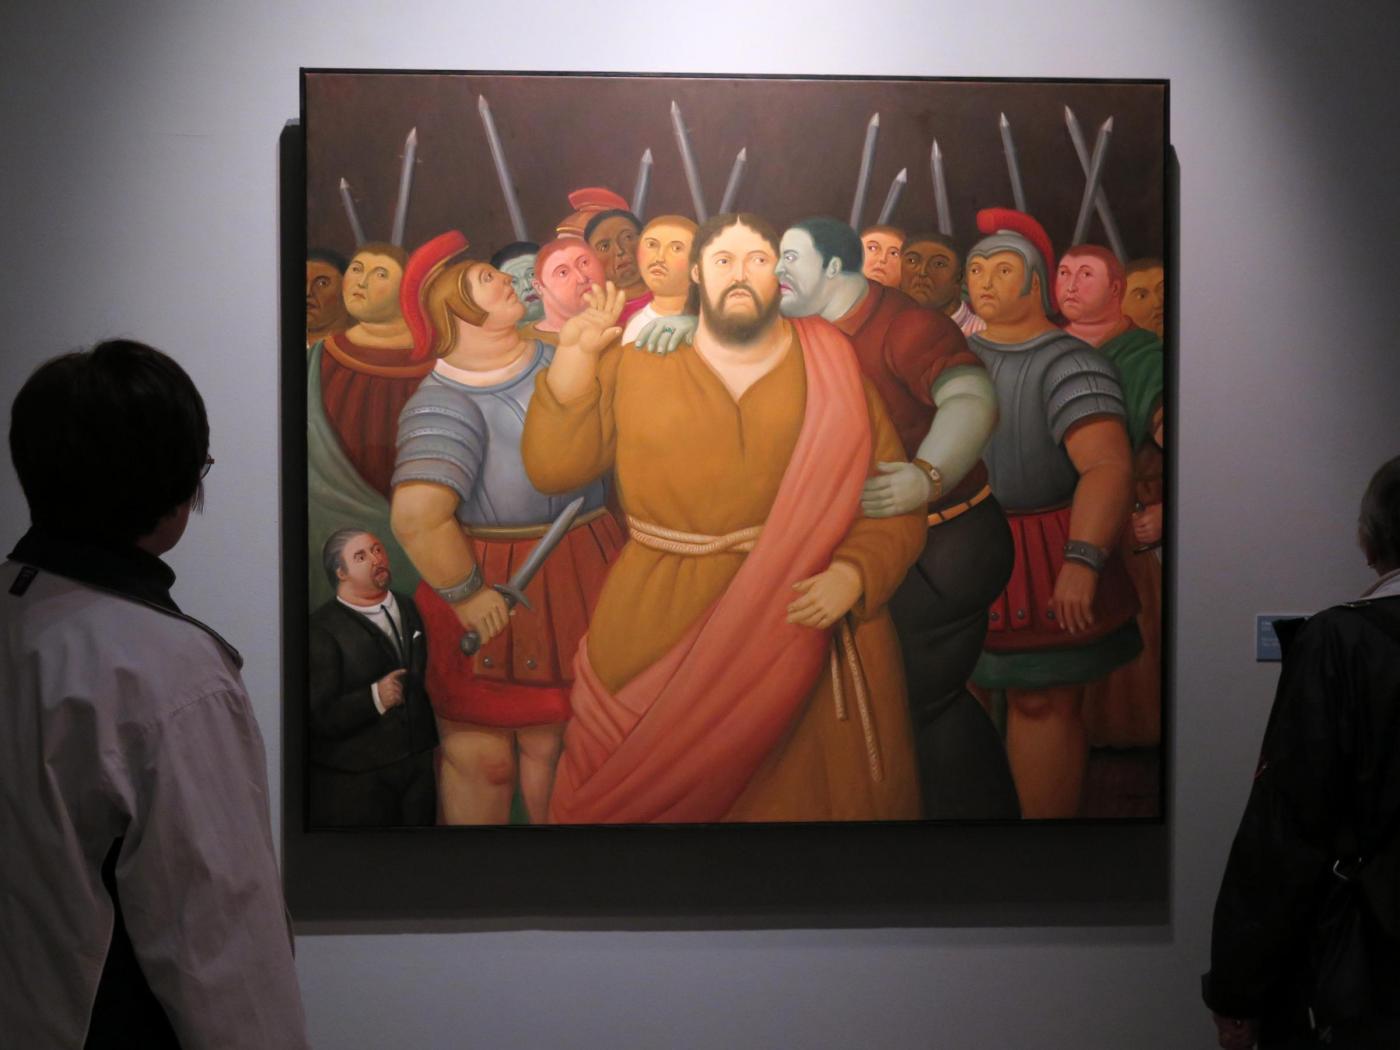 Mostra Botero: dopo Palermo a Roma 'Via Crucis', le opere che raccontano la Passione di Cristo